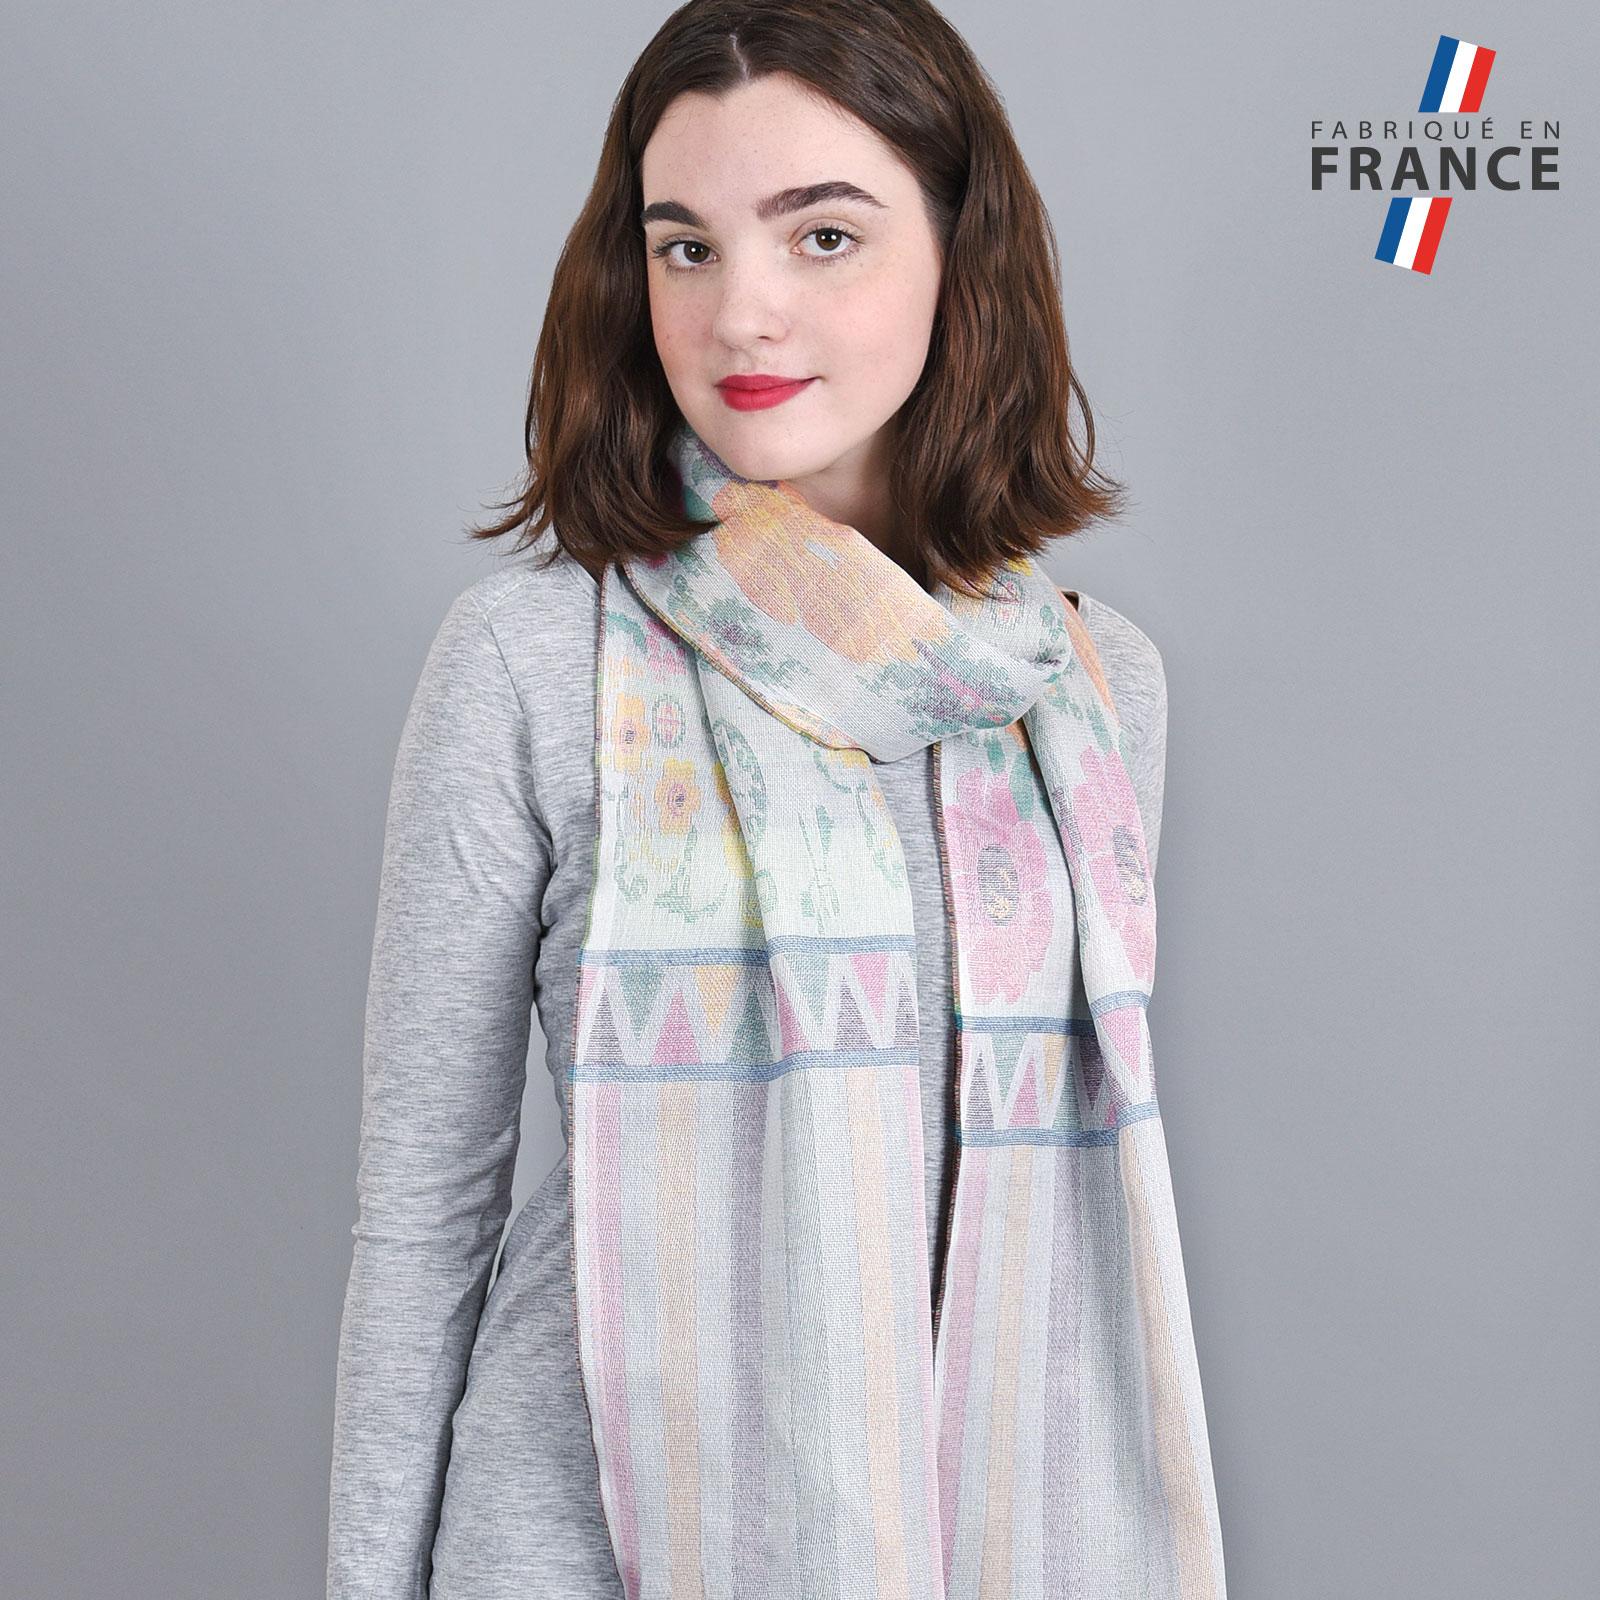 AT-04234-VF16-LB_FR-echarpe-legere-fabriquee-en-france-bandes-fleurs-violet